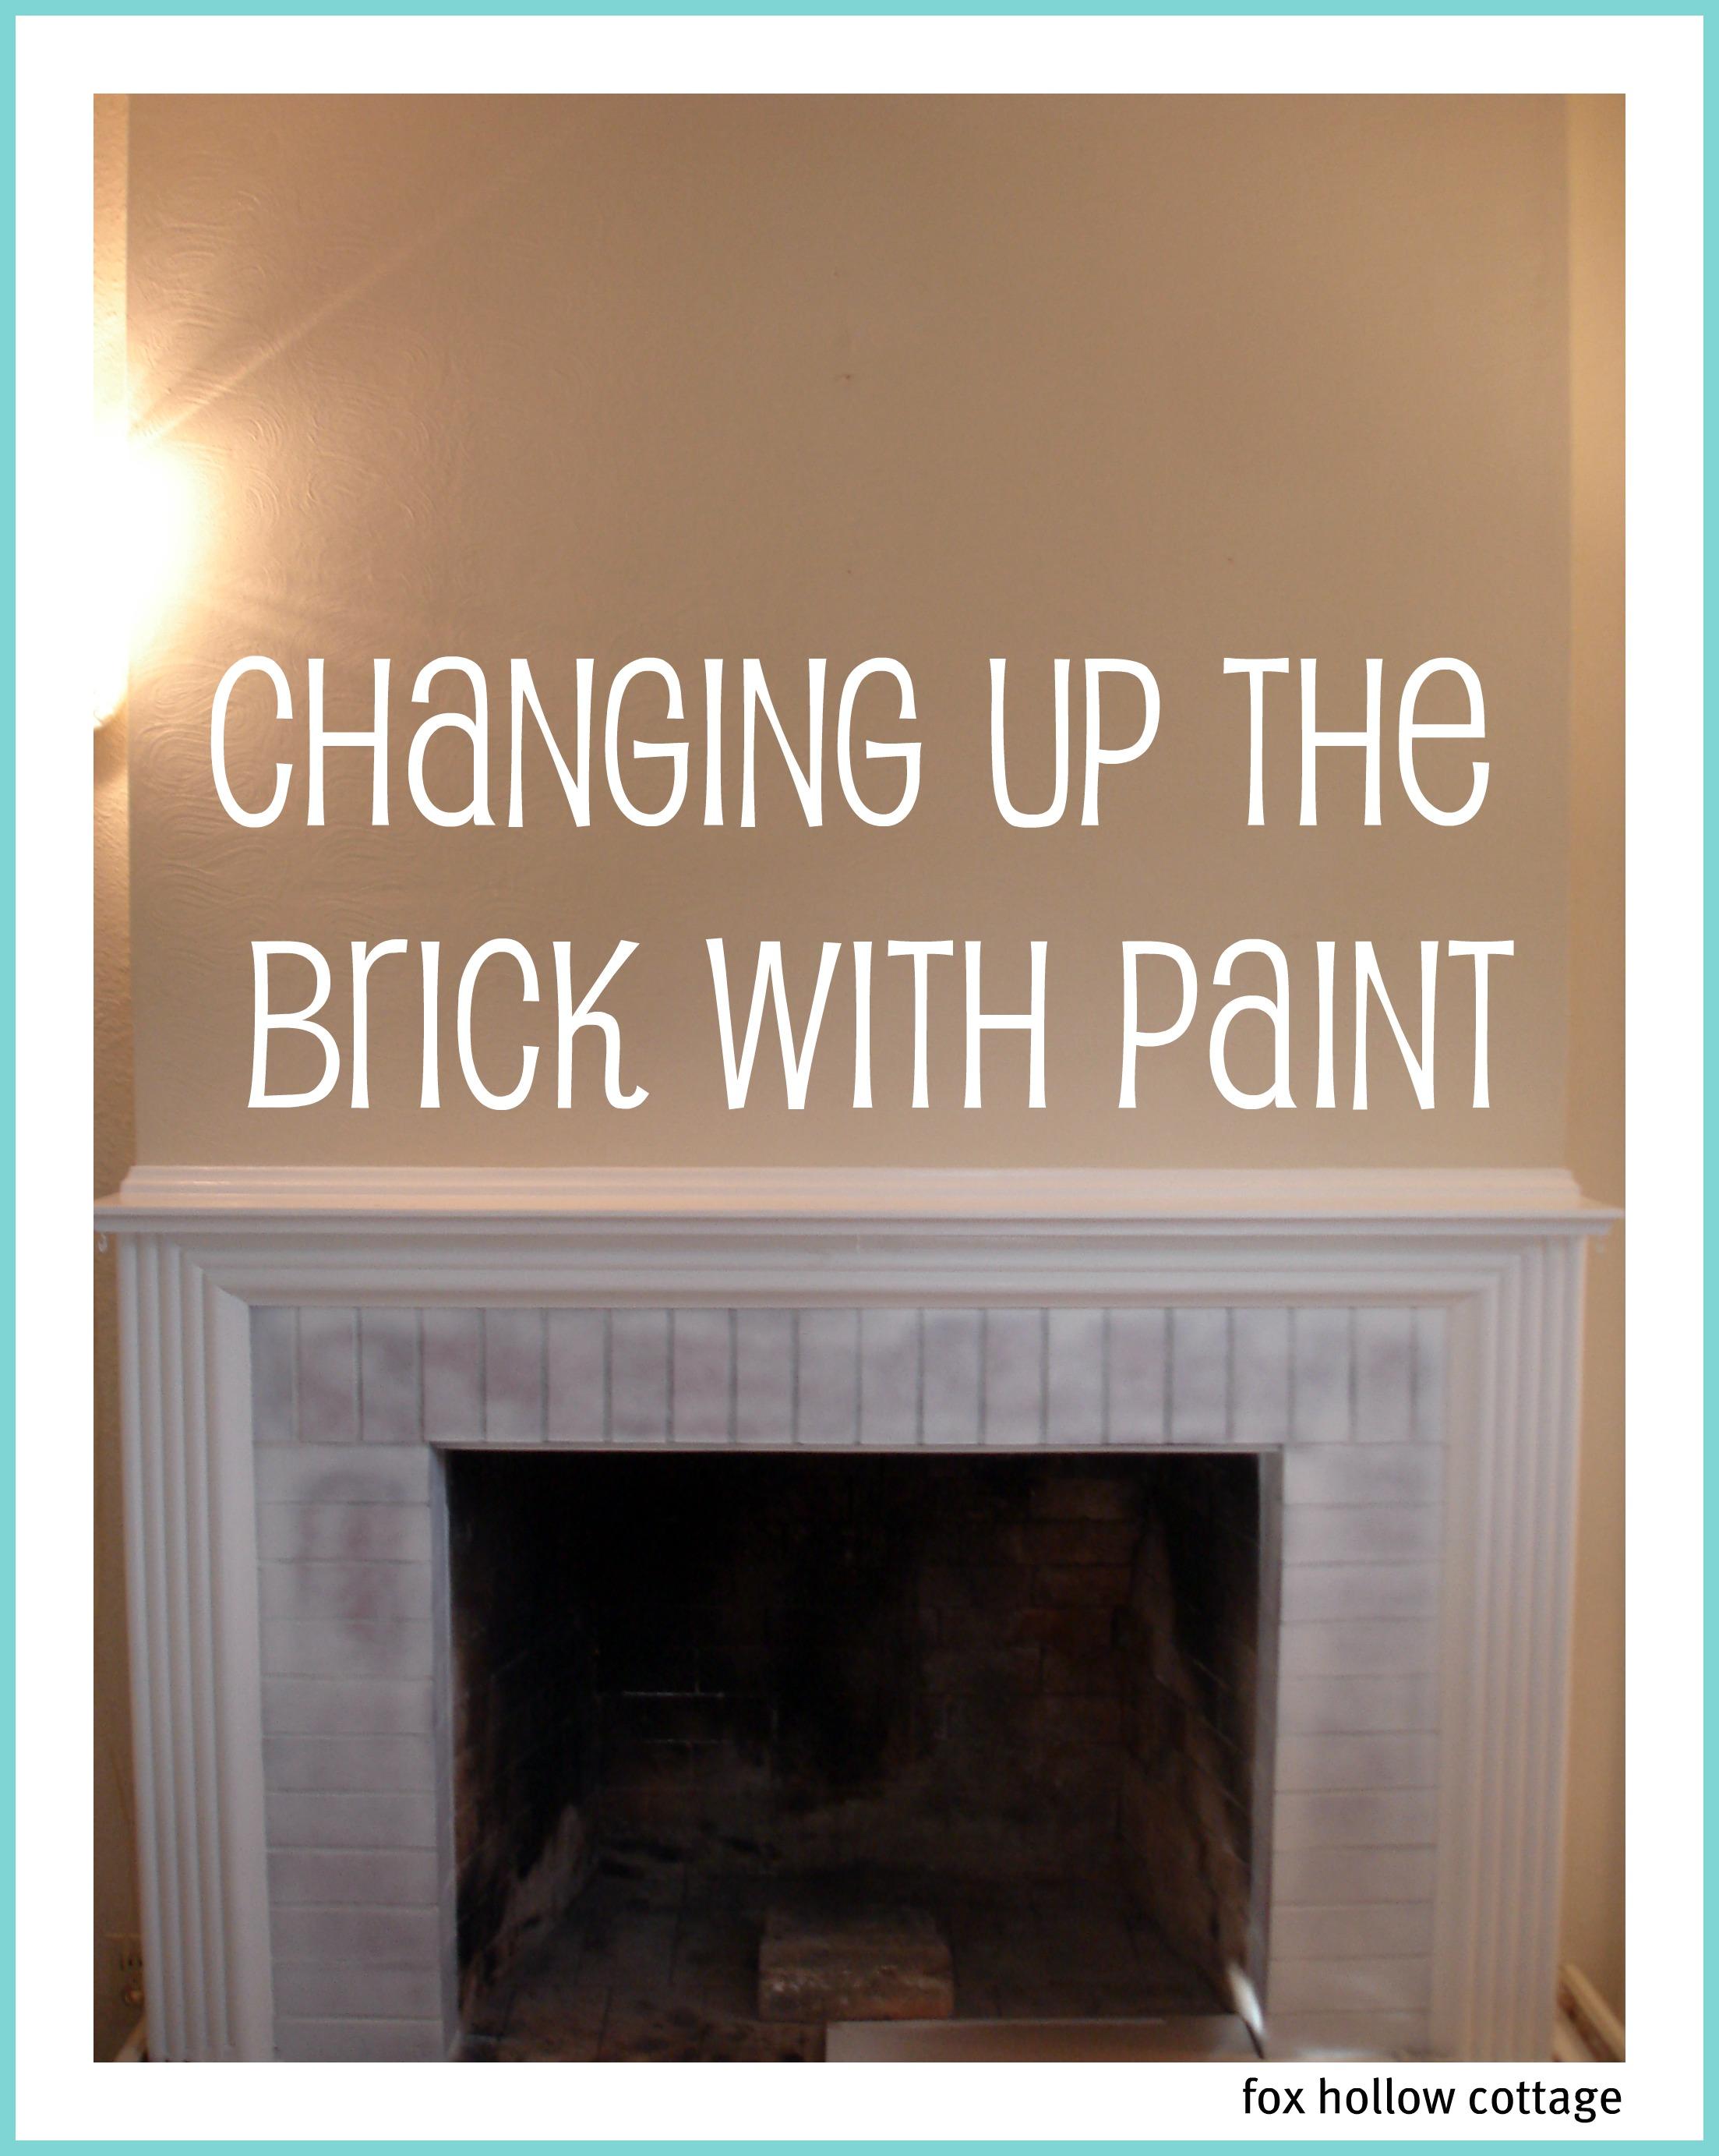 diy fireplace makeover - spray painting glossy bricks